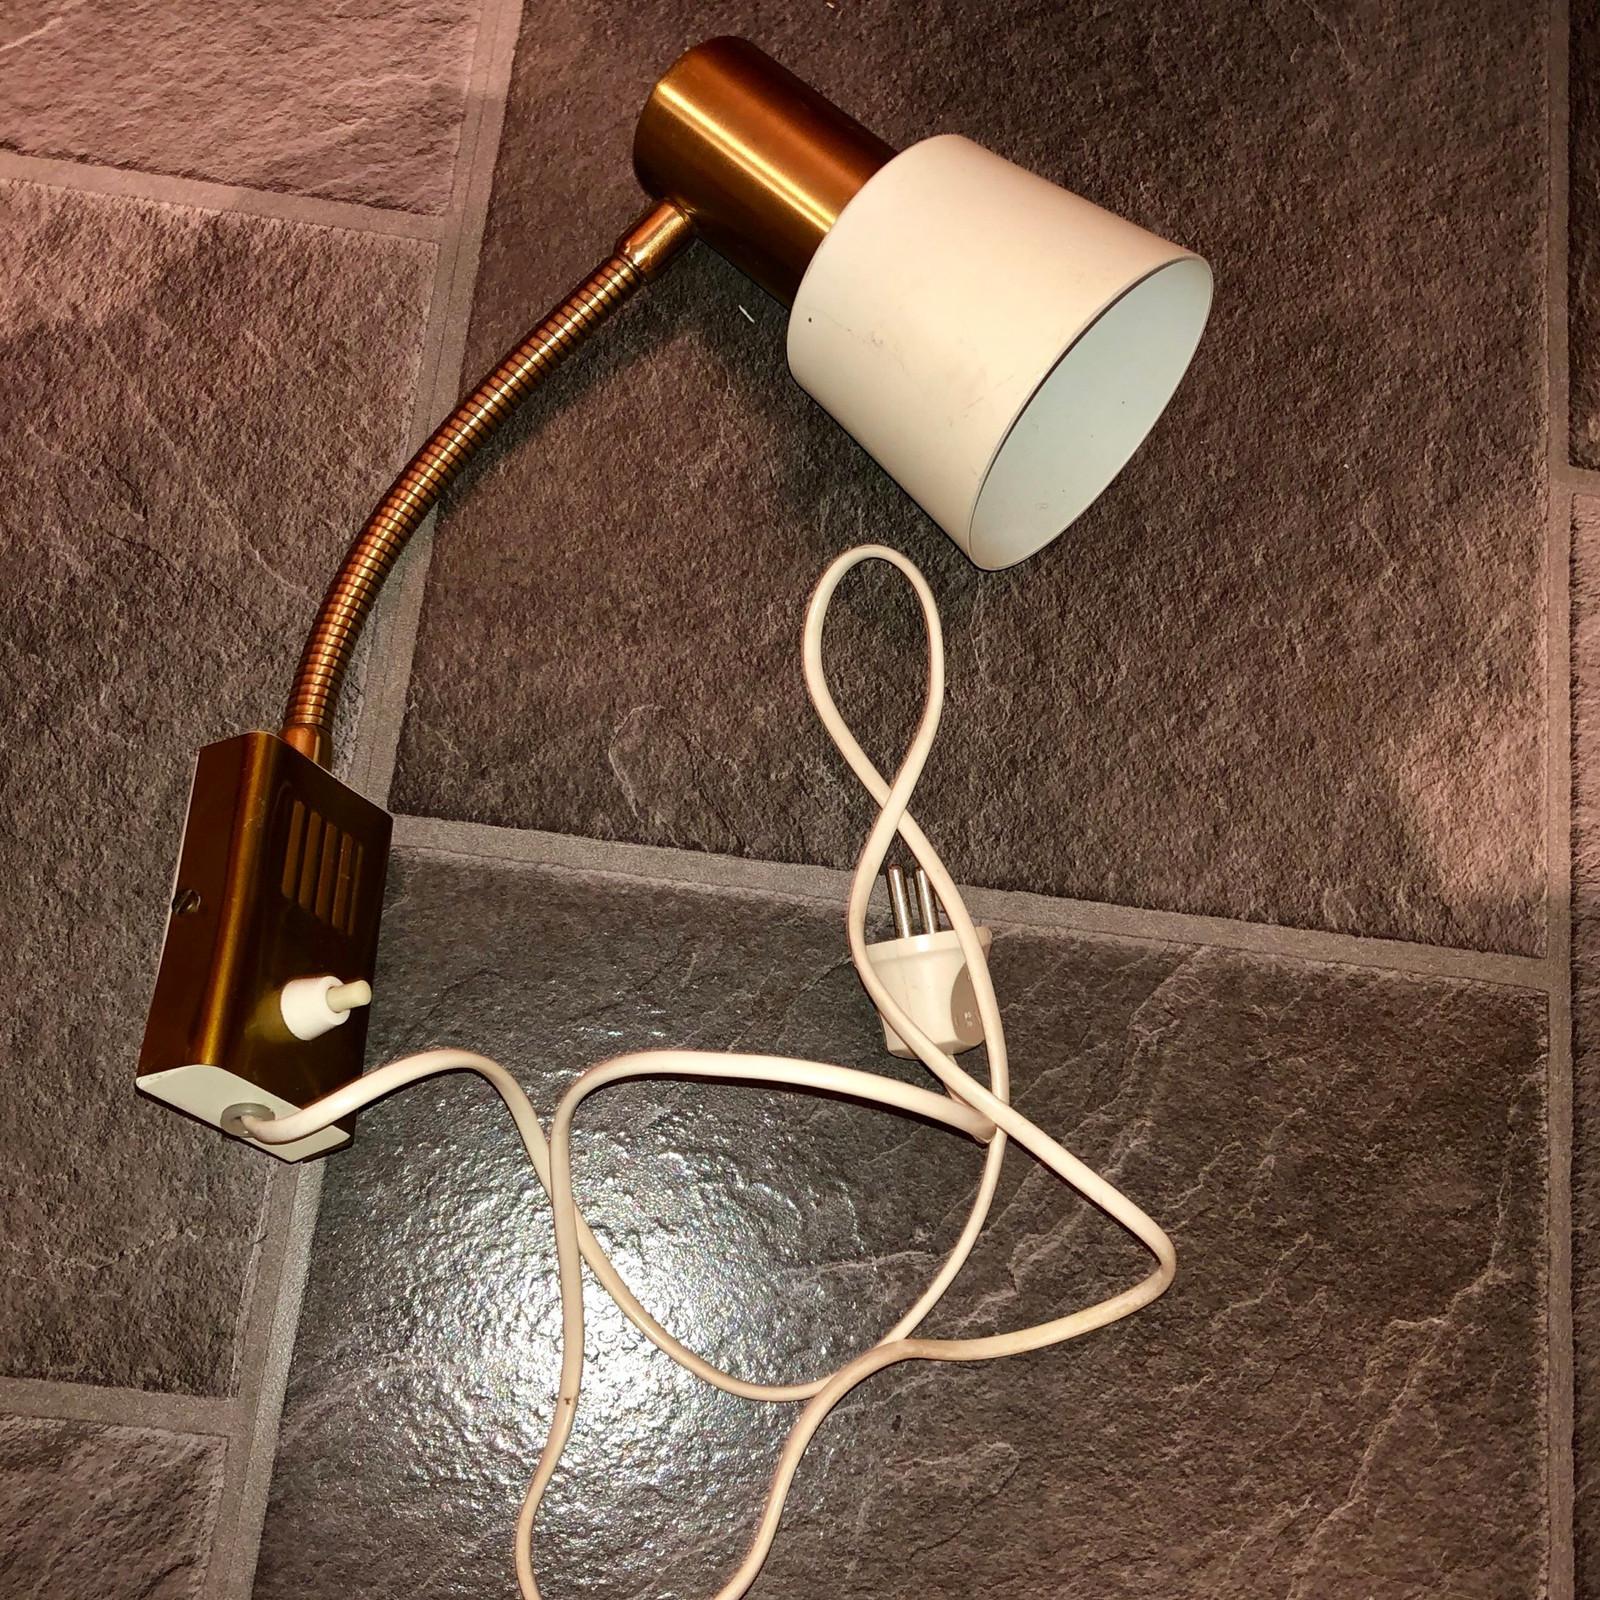 Retro lampe fra 70 tallet. Ra gla er norsk produsert   FINN.no